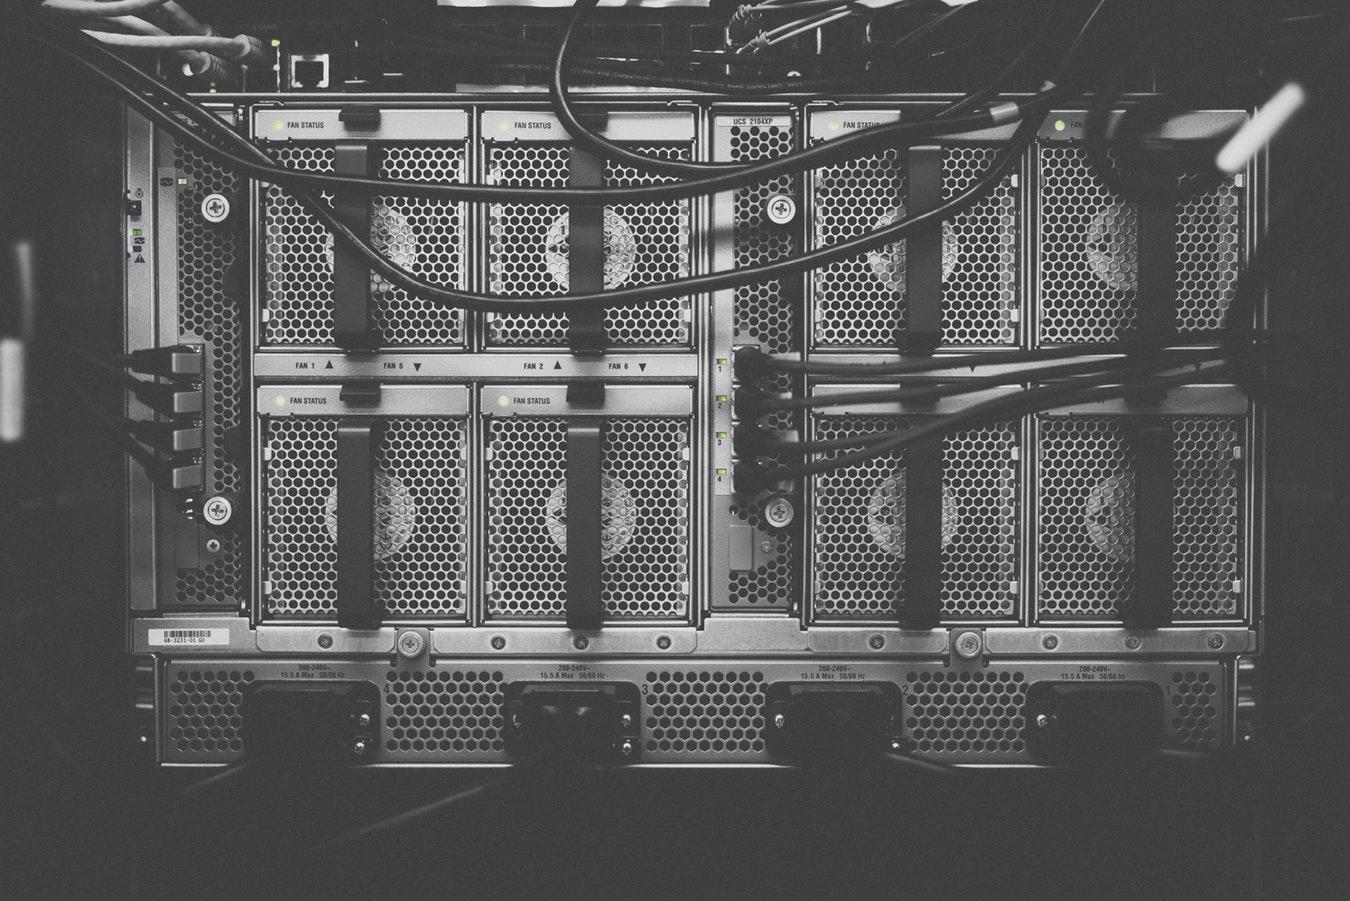 back-of-server